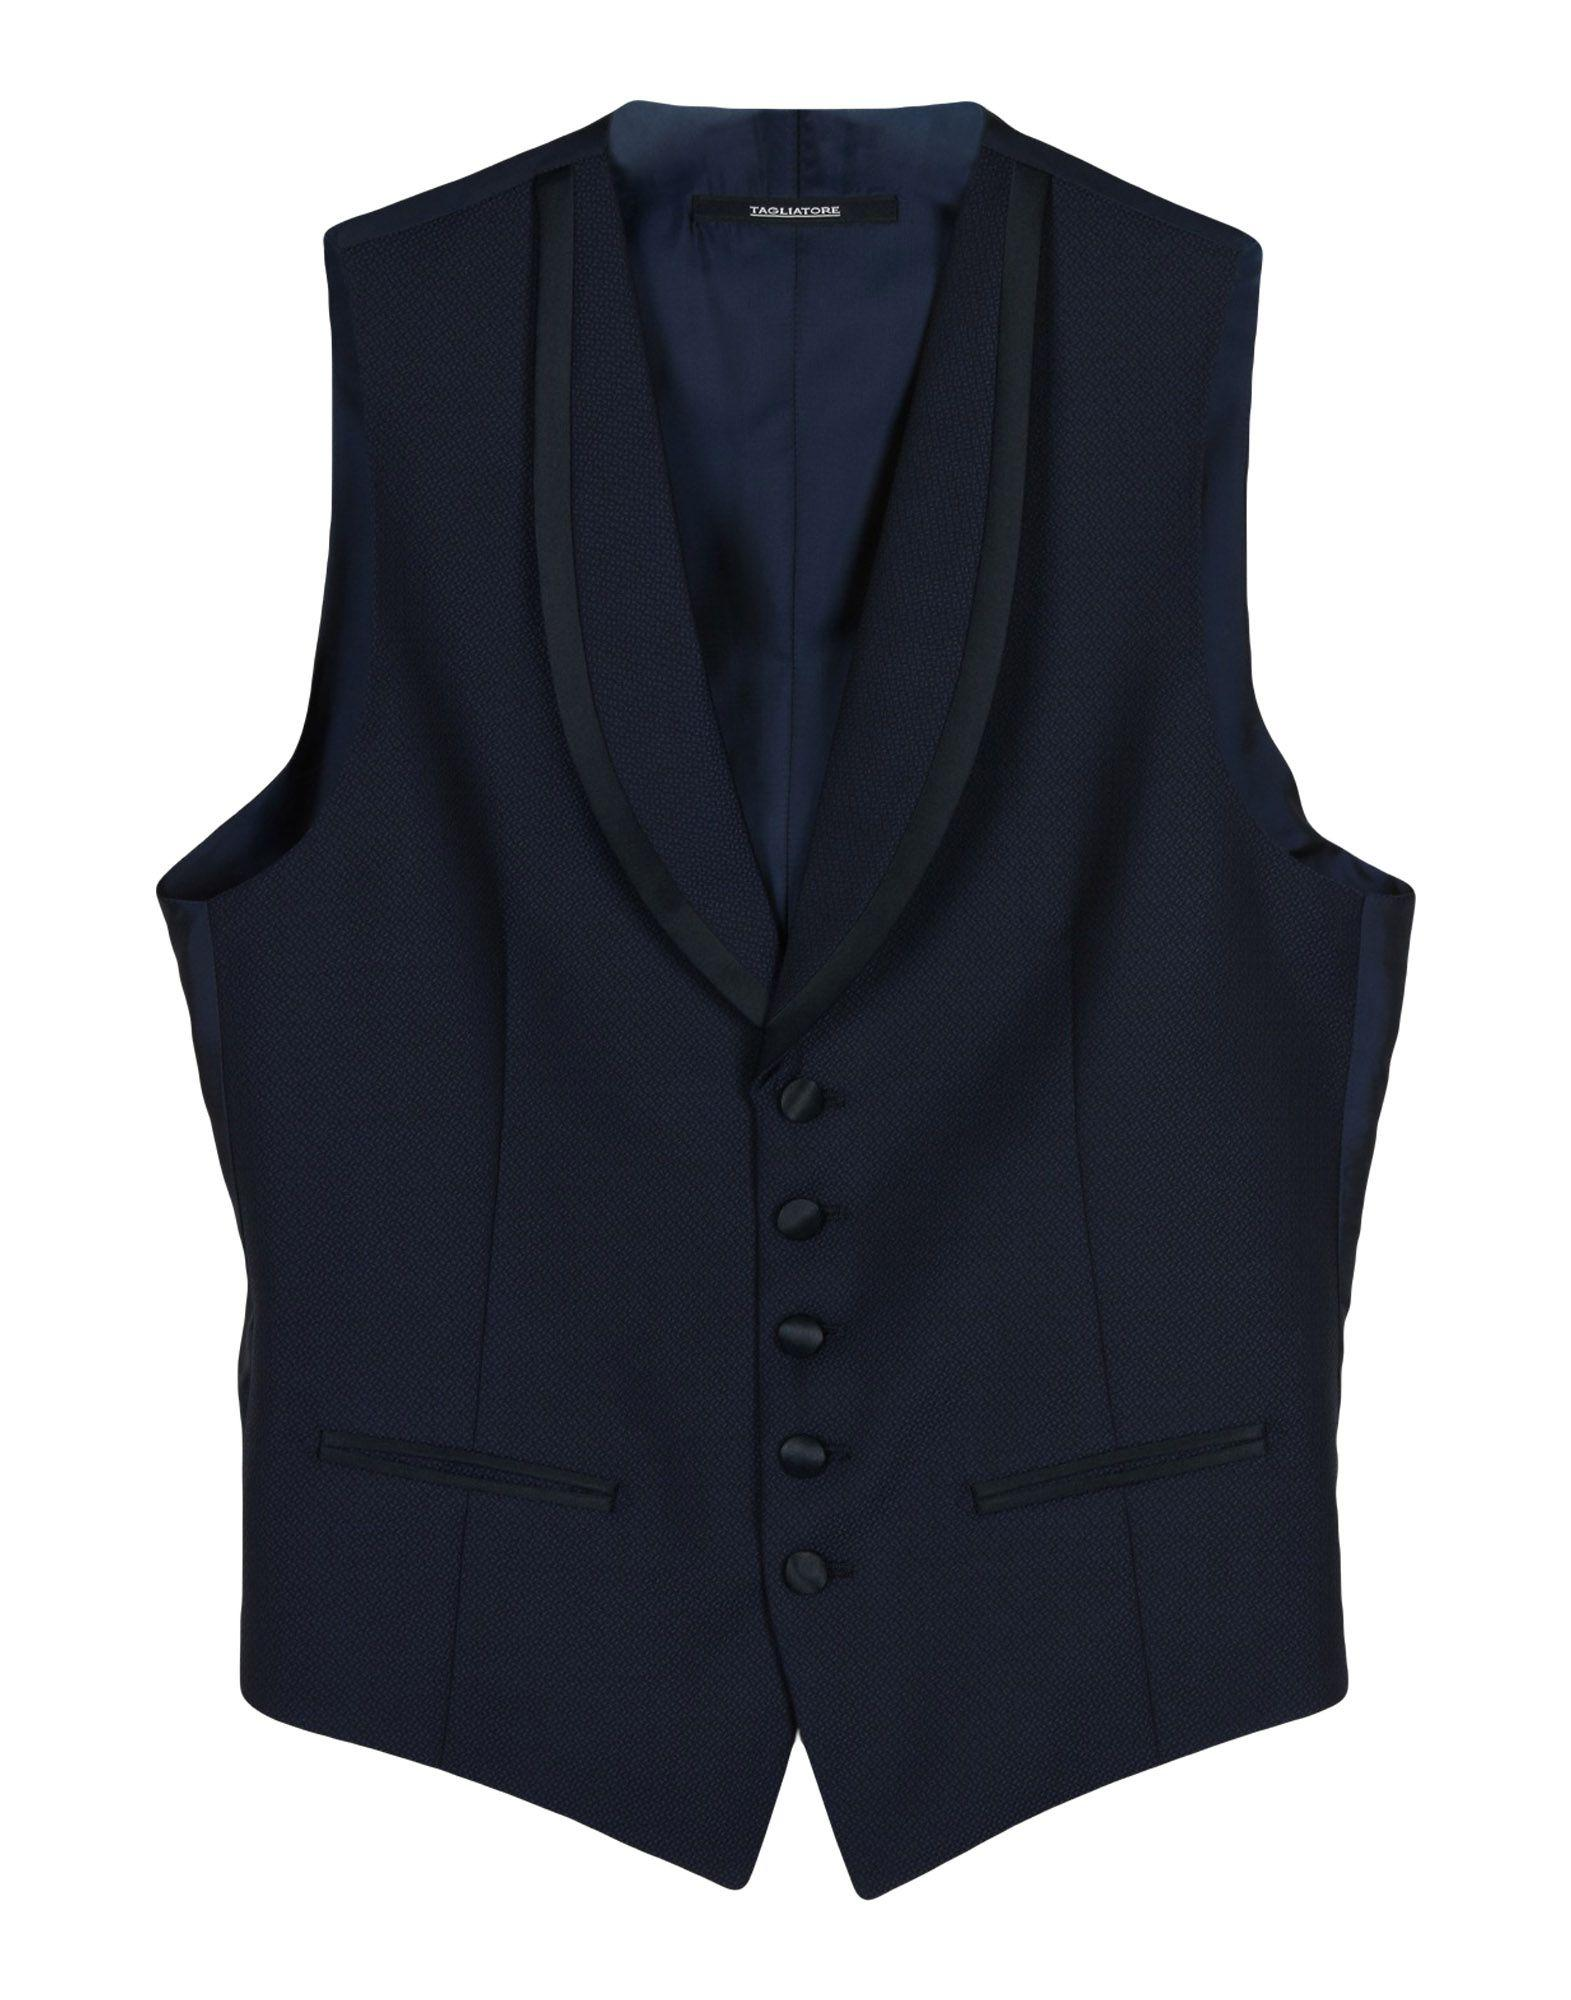 Tagliatore Vest In Dark Blue